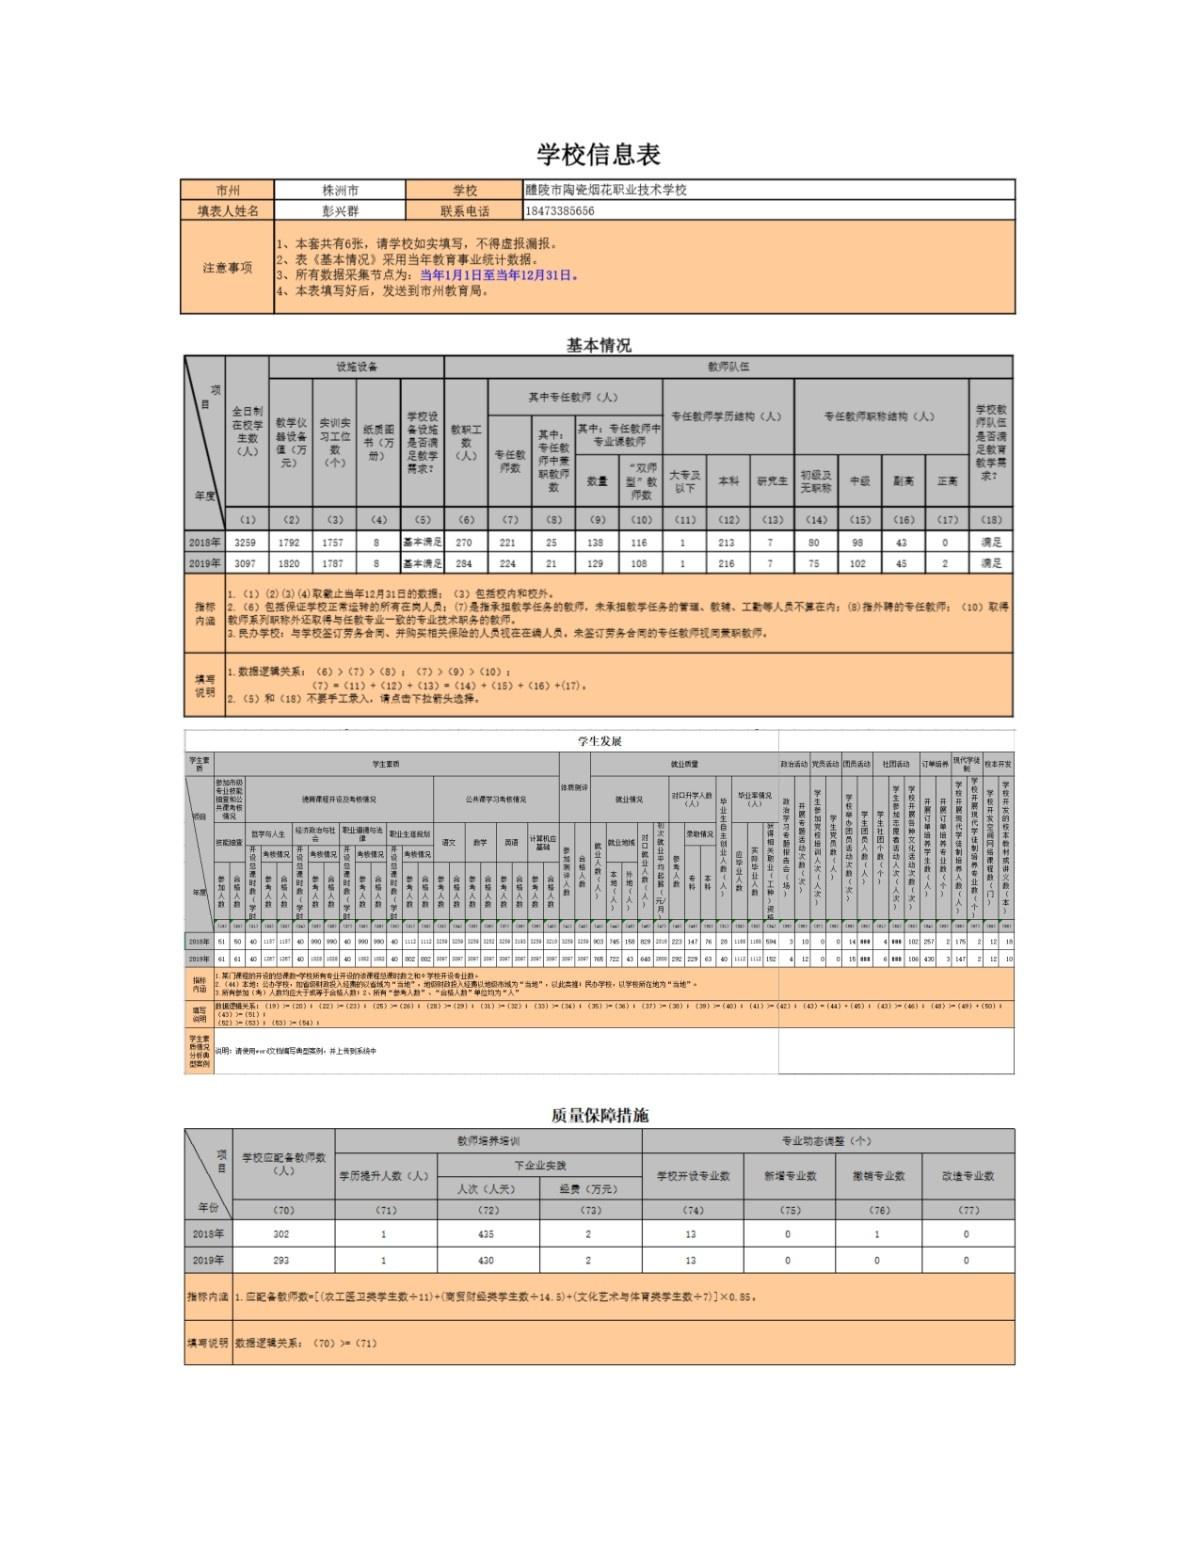 2019年度湖南省中等职业教育质量年度报告基础数据表_1.Jpeg